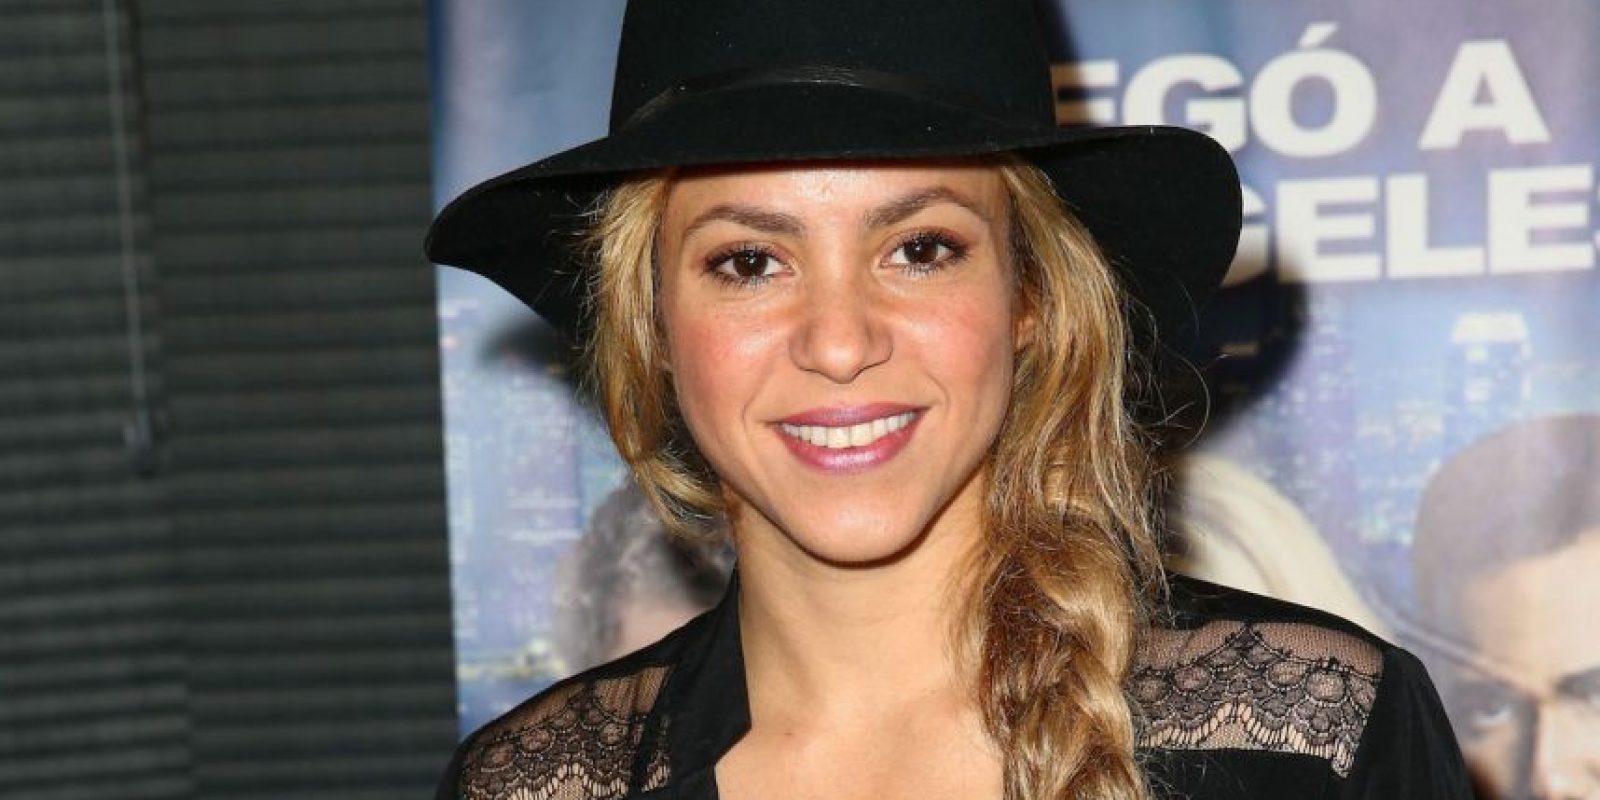 """La cantante colombiana expresó su desacuerdo ante los comentarios """"discriminatorios"""" de Donald Trump hacia los latinos. Foto:Getty Images"""